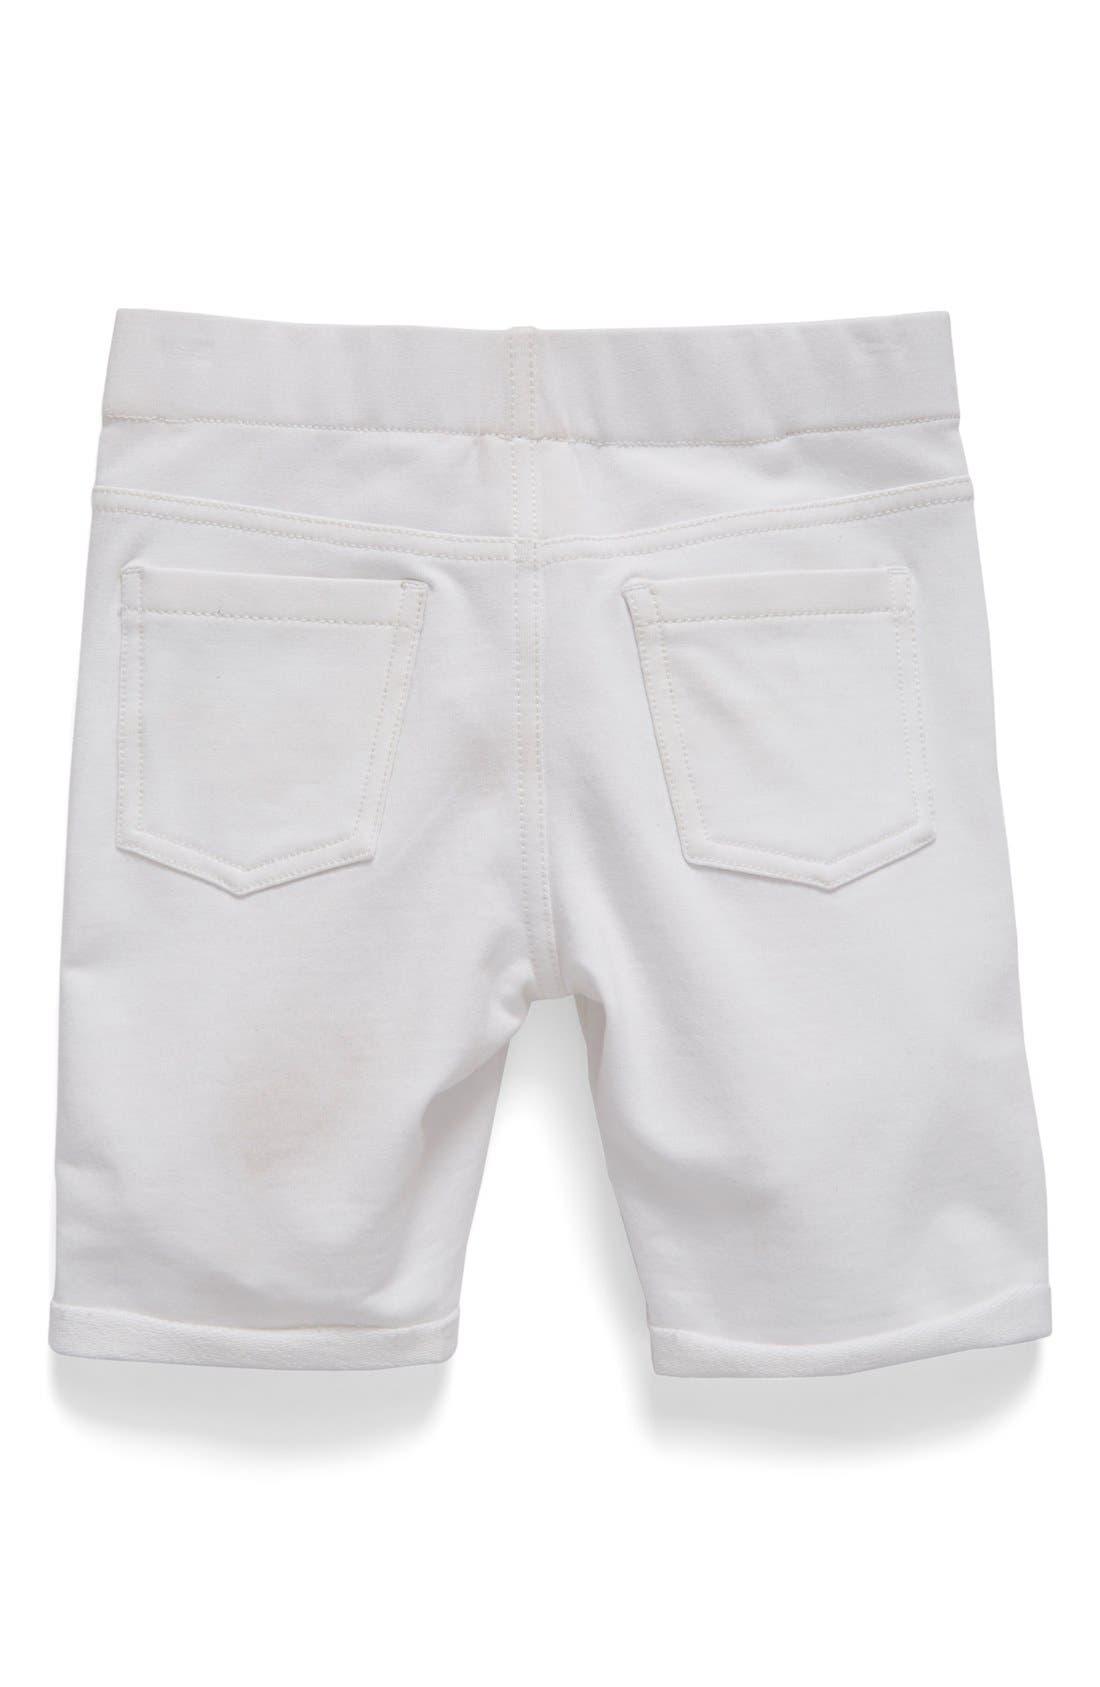 TUCKER + TATE, 'Jenna' Jegging Shorts, Alternate thumbnail 4, color, WHITE